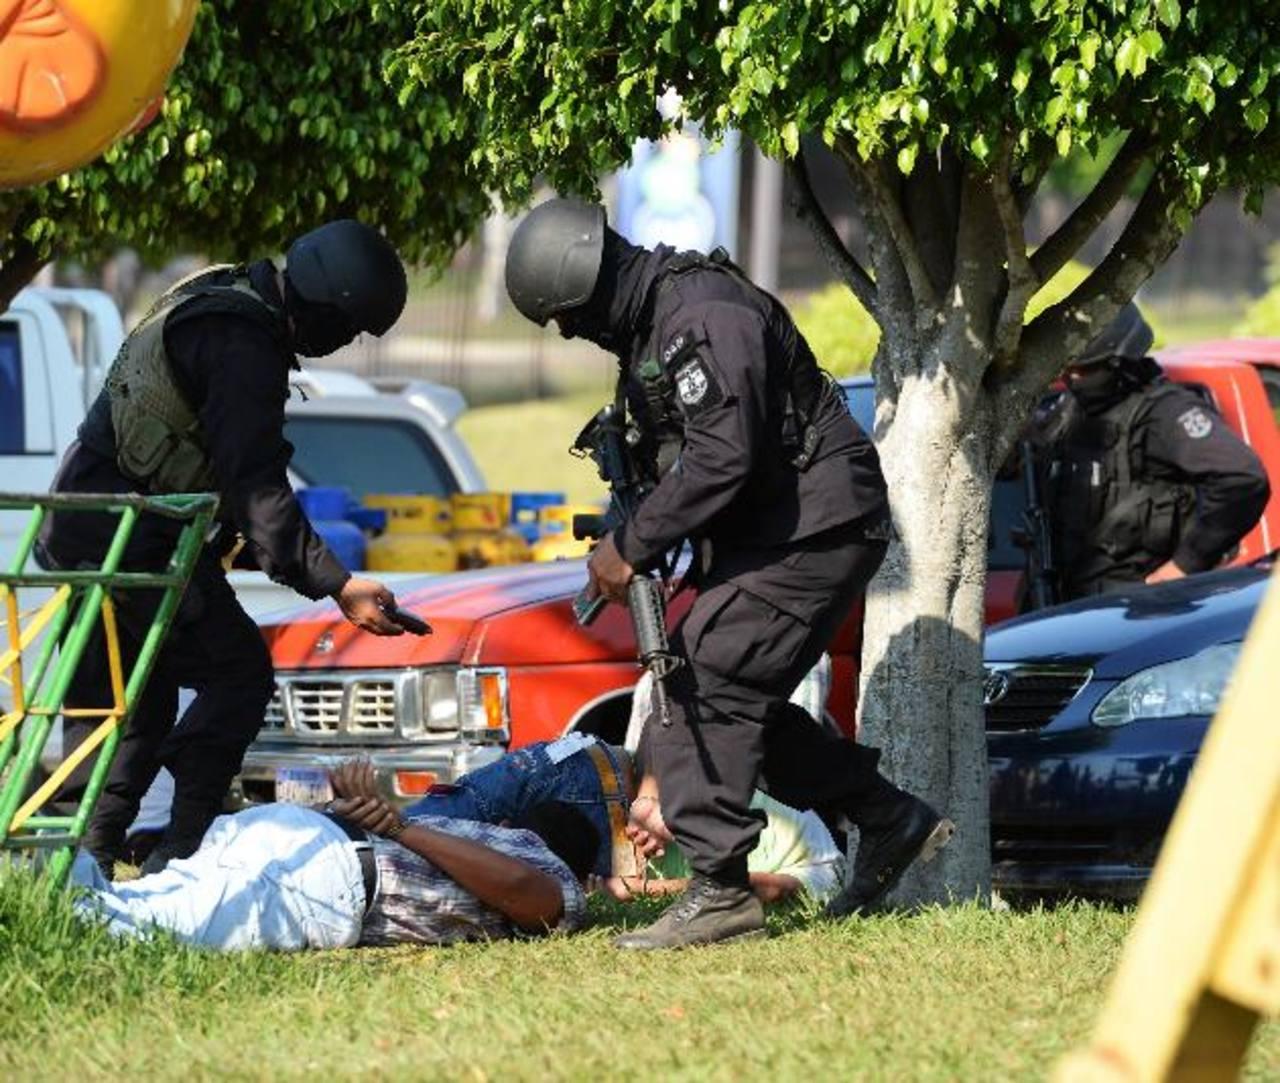 Imputados fueron arrestados cuando hacían una transacción de droga en un centro comercial. Foto EDH /Marlon Hernández